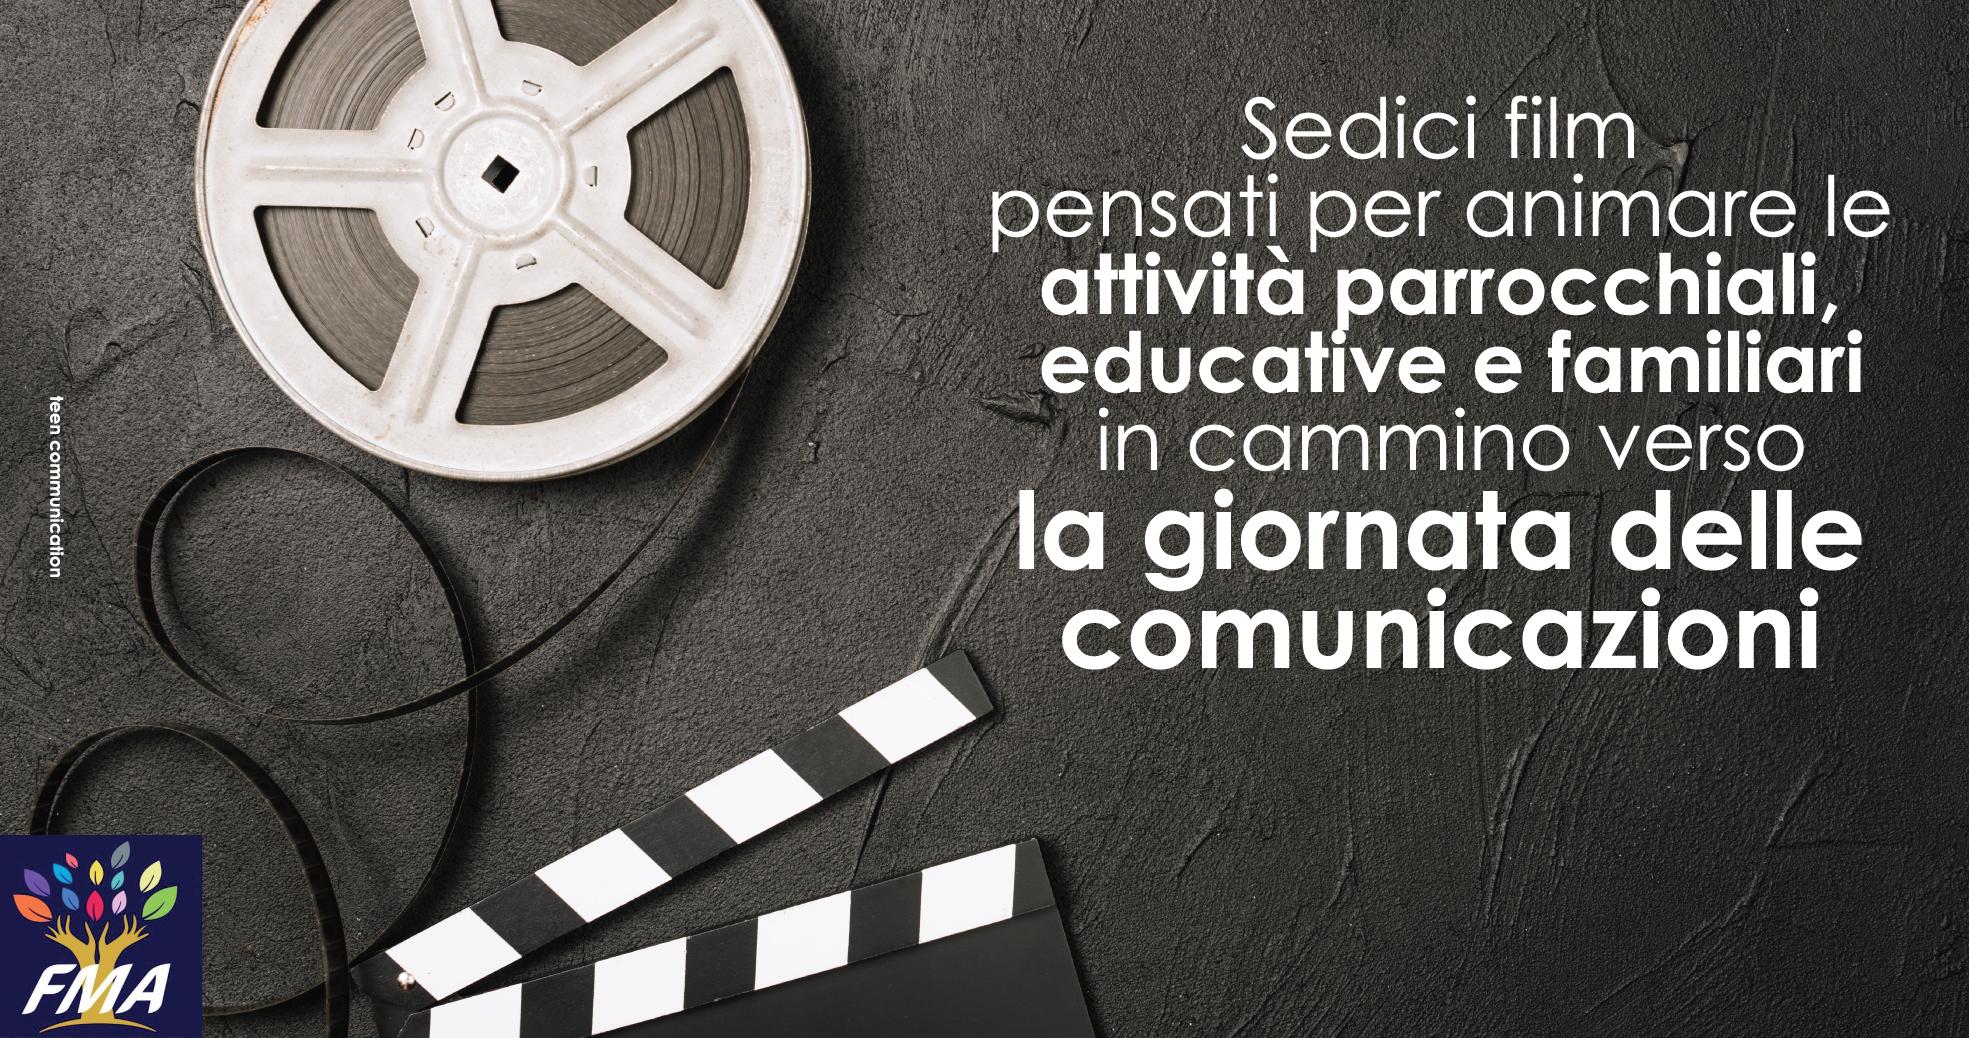 Un ciclo di film verso la Giornata delle comunicazioni